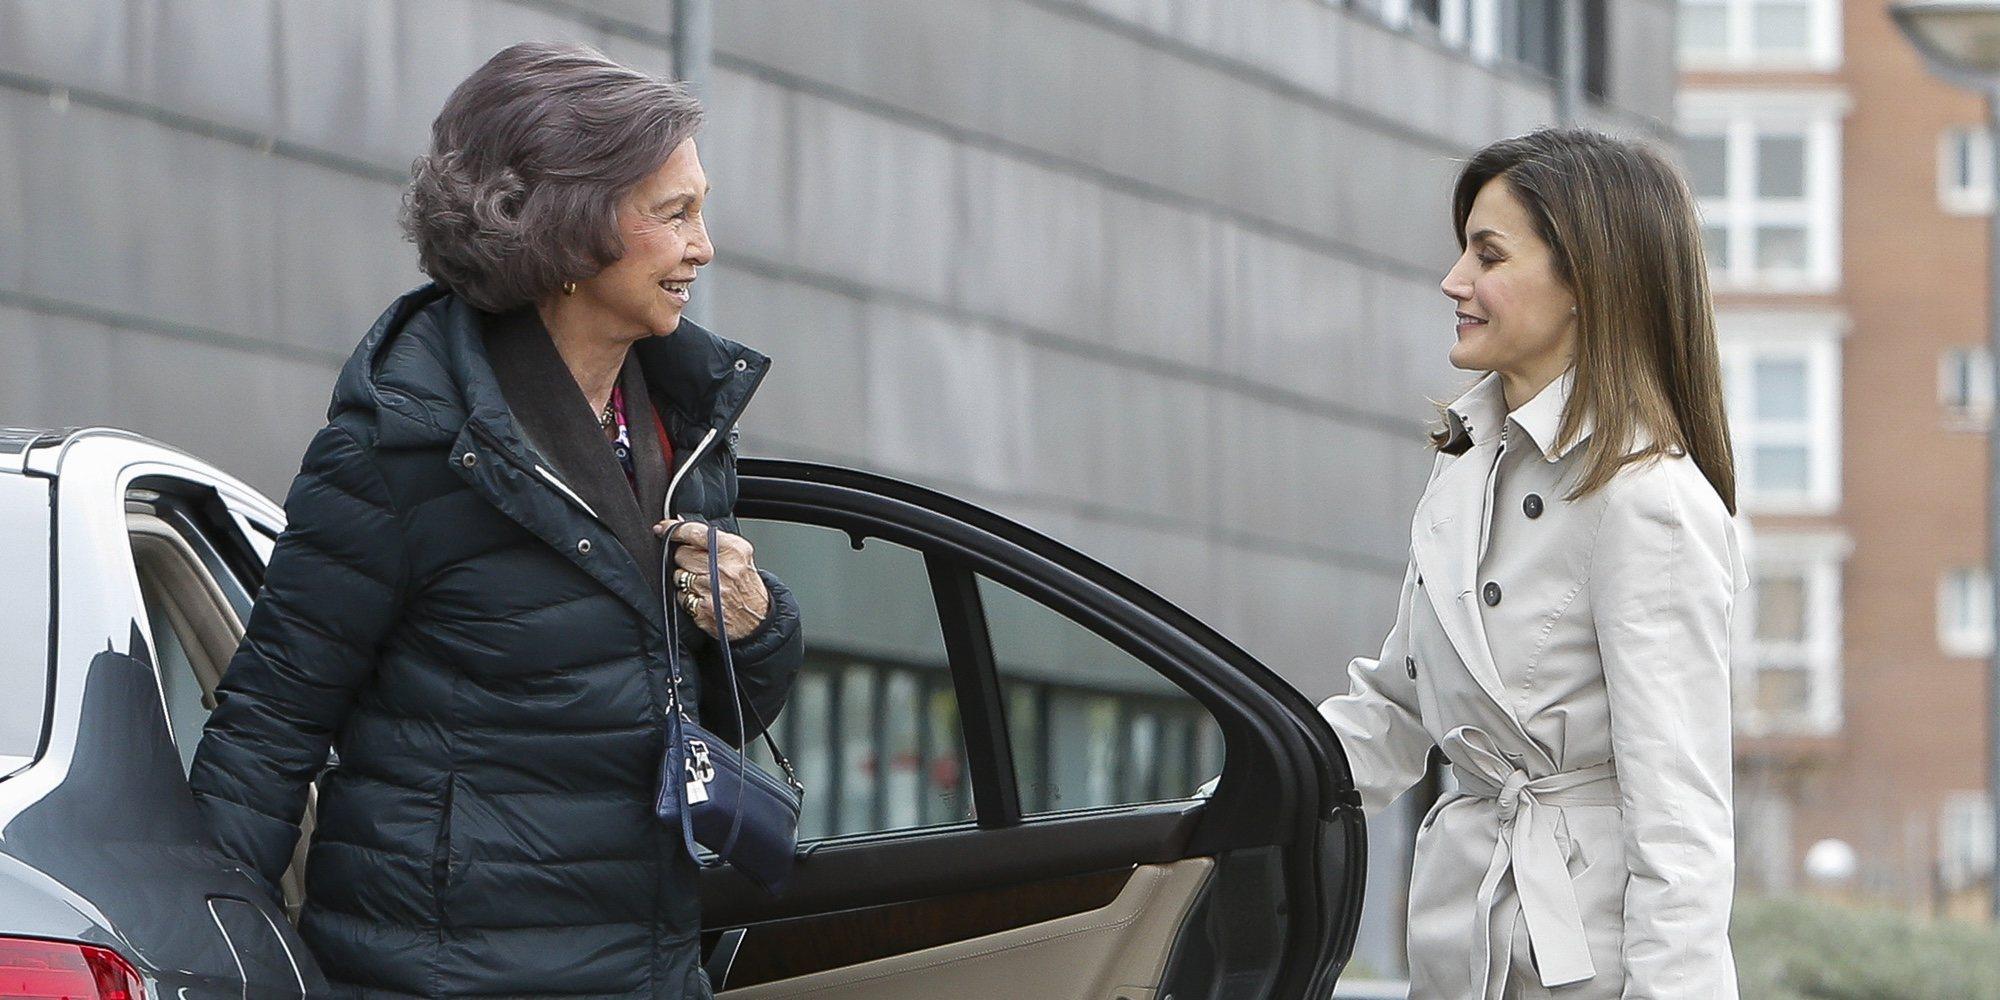 La 'teatral' y preparada puesta en escena de la Reina Letizia con la Reina Sofía para limpiar su imagen